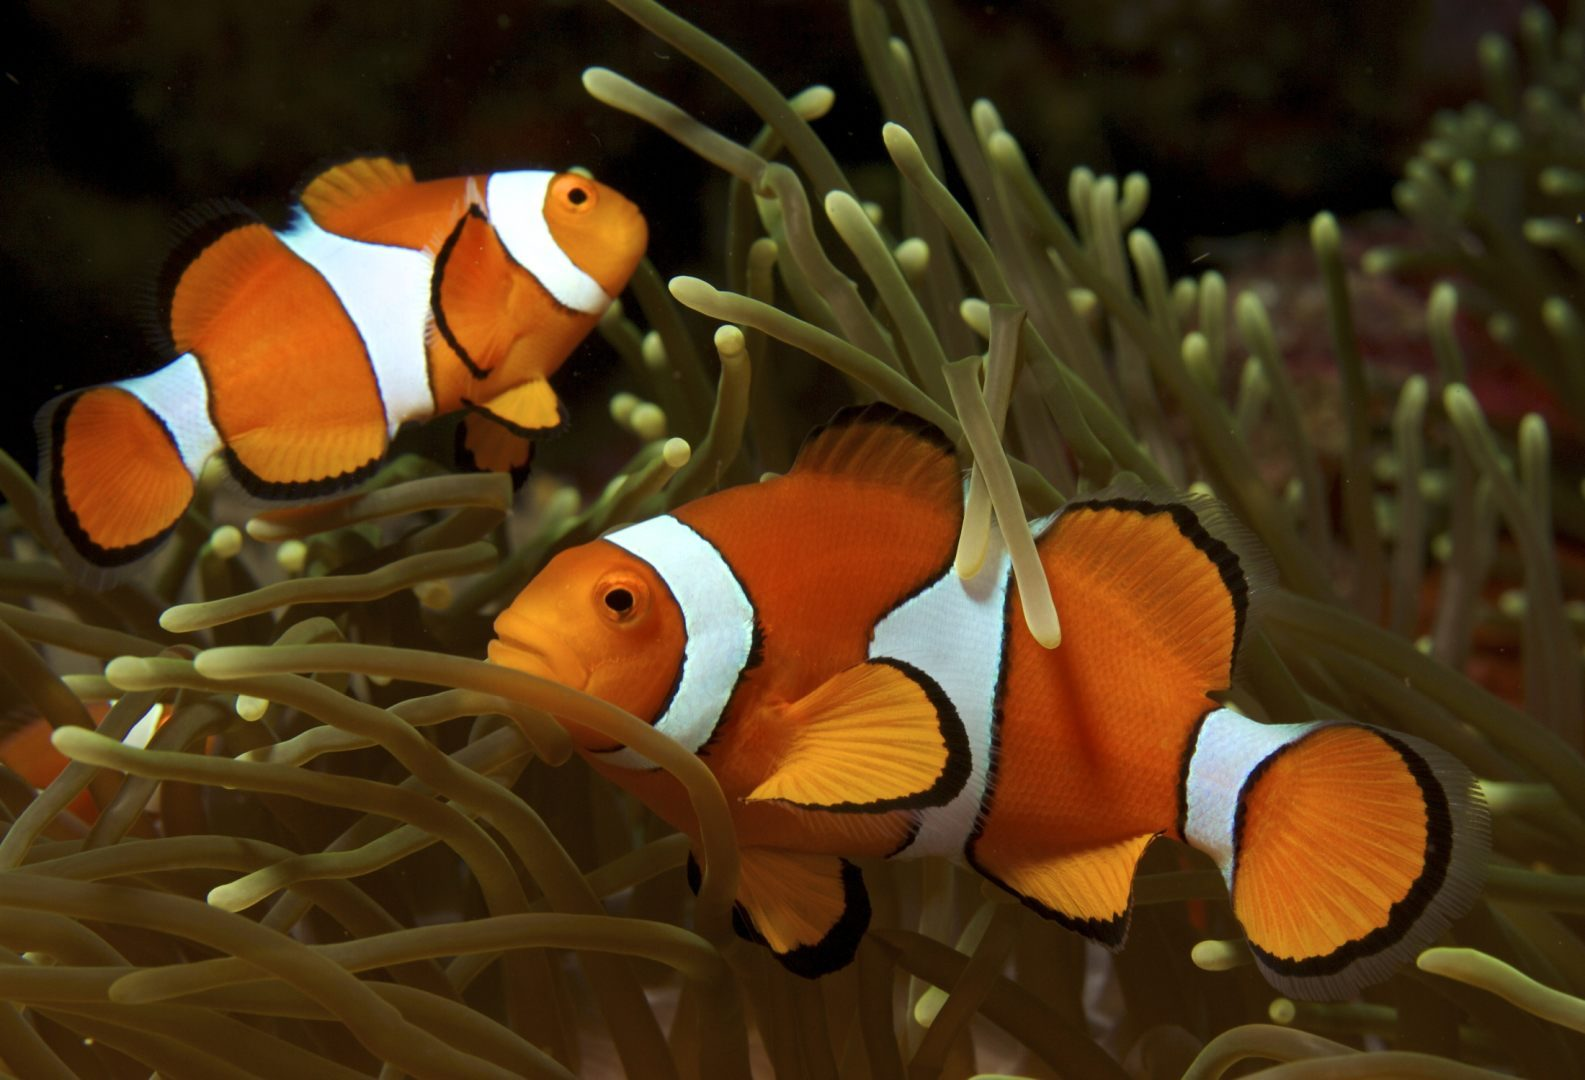 Peces nemo im genes y fotos for Imagenes de peces chinos